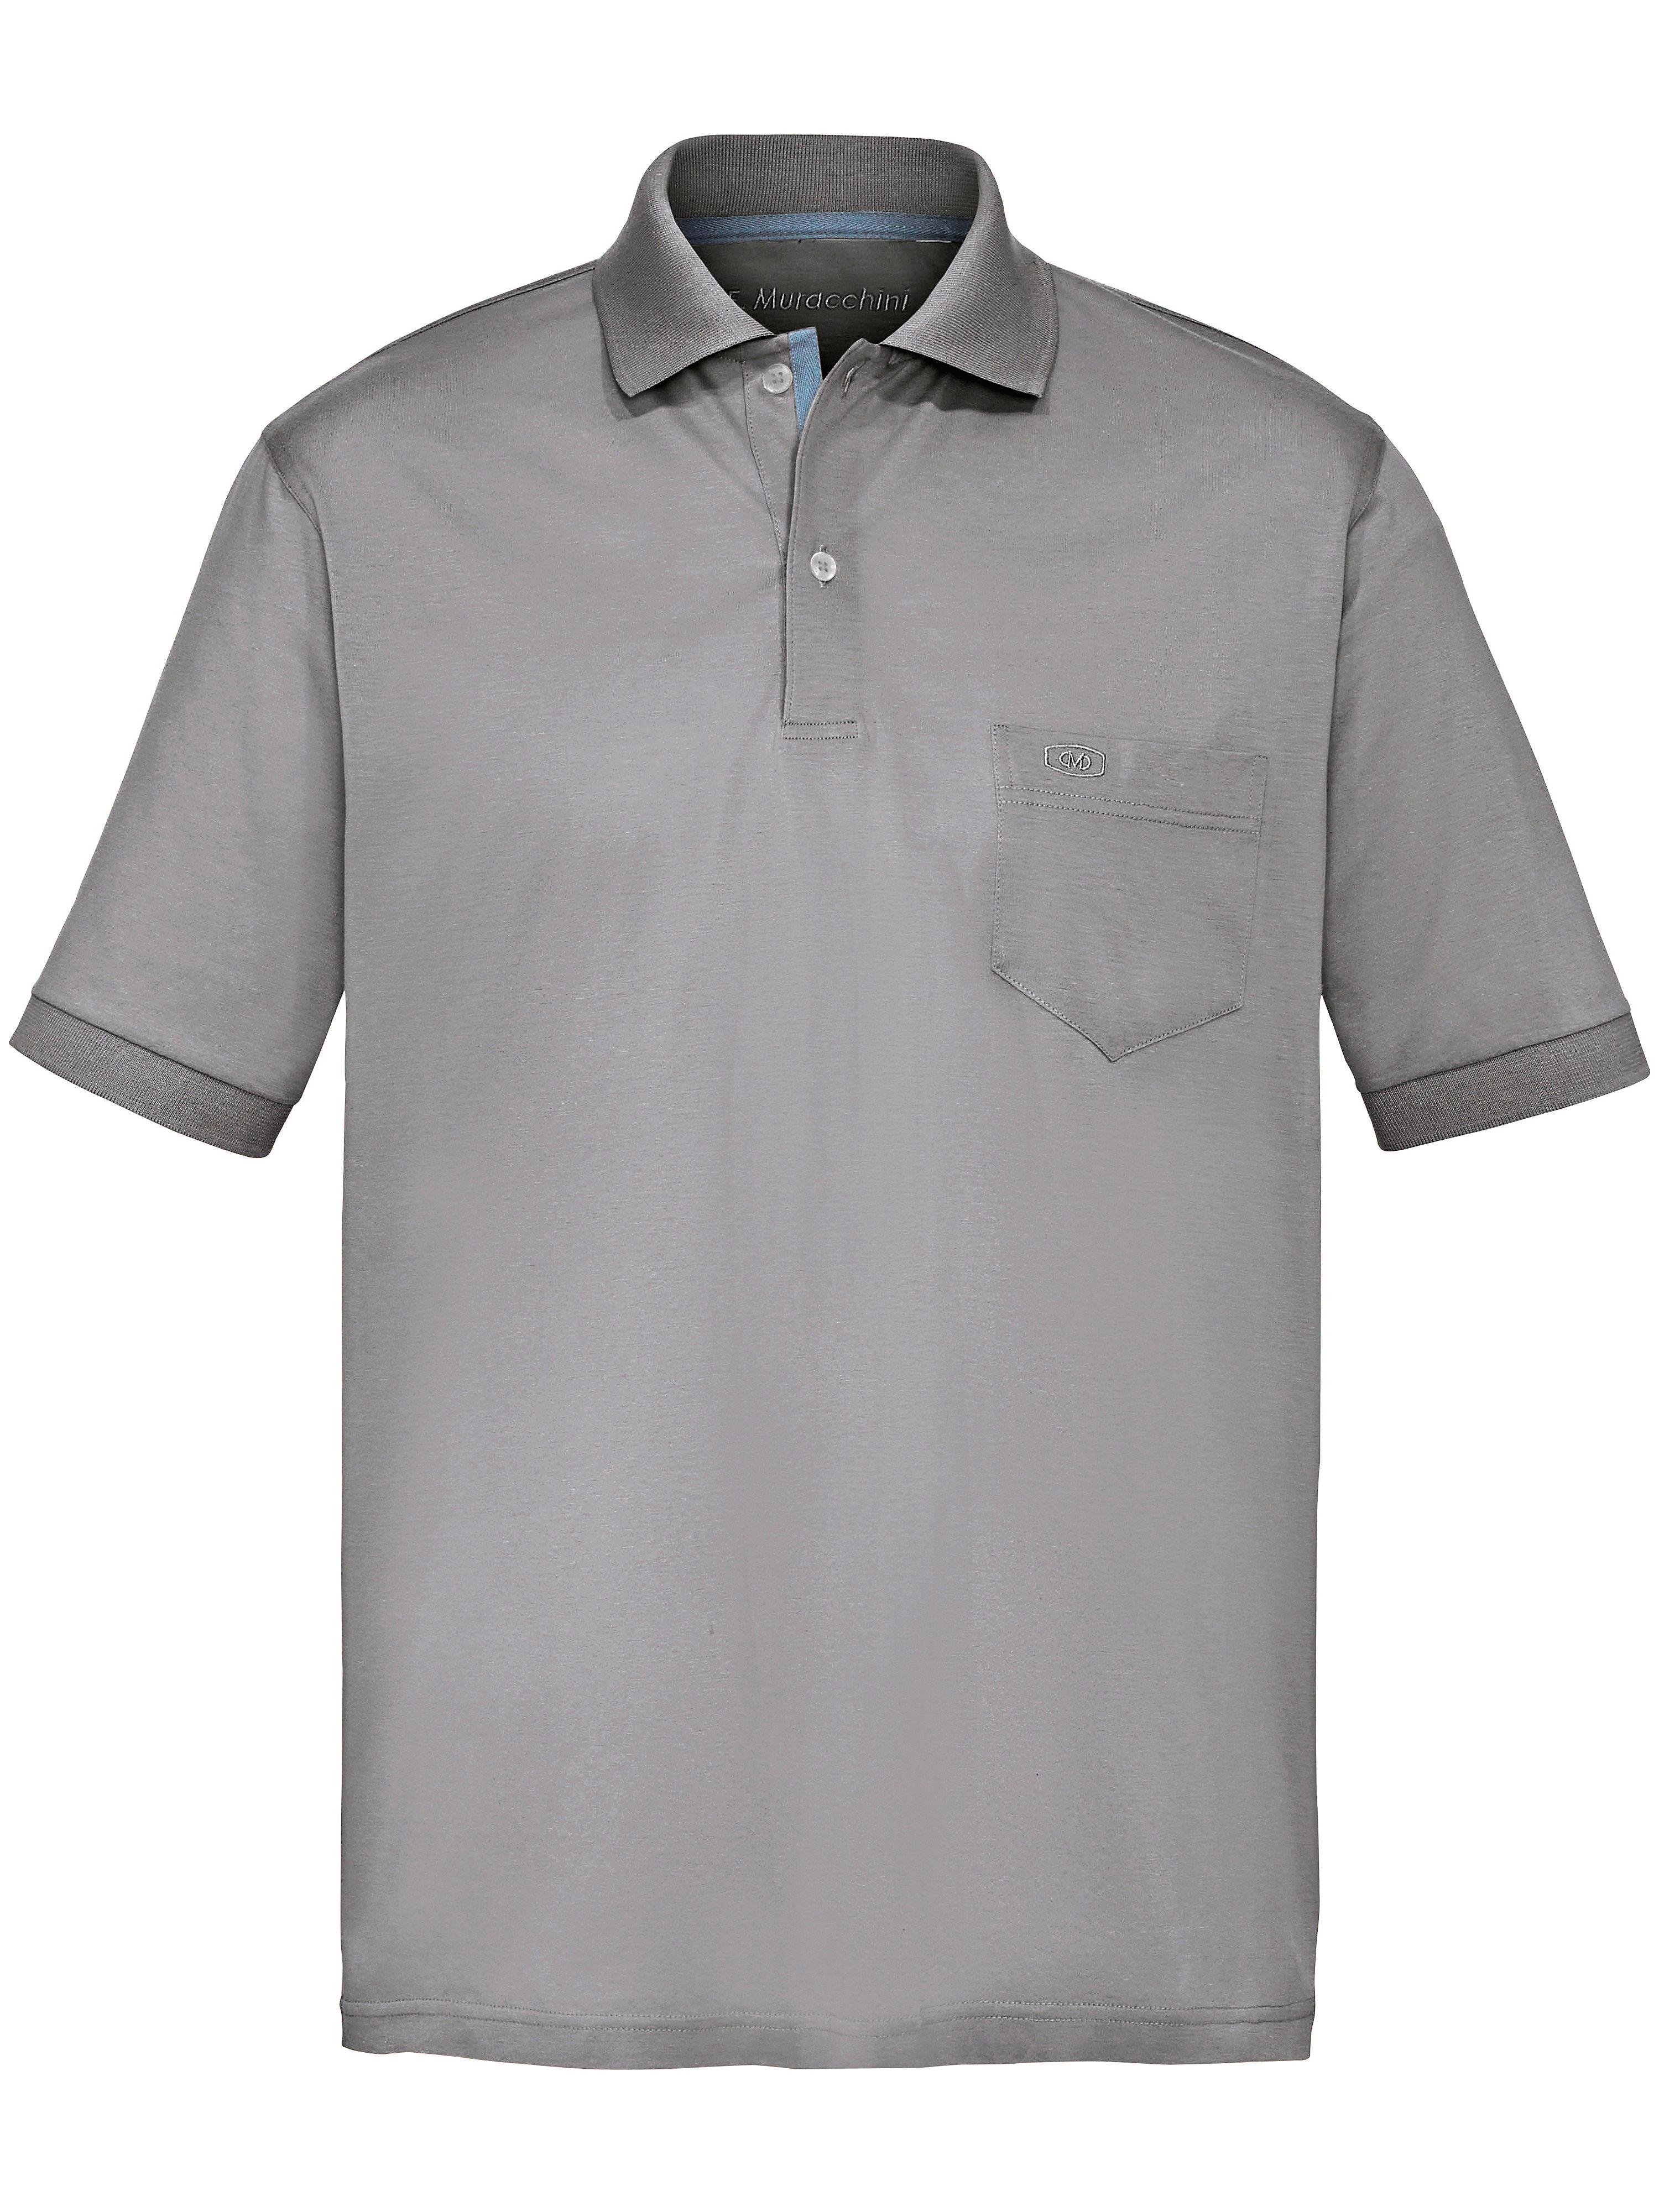 Image of   Poloshirt kort ærme Fra E.Muracchini grå